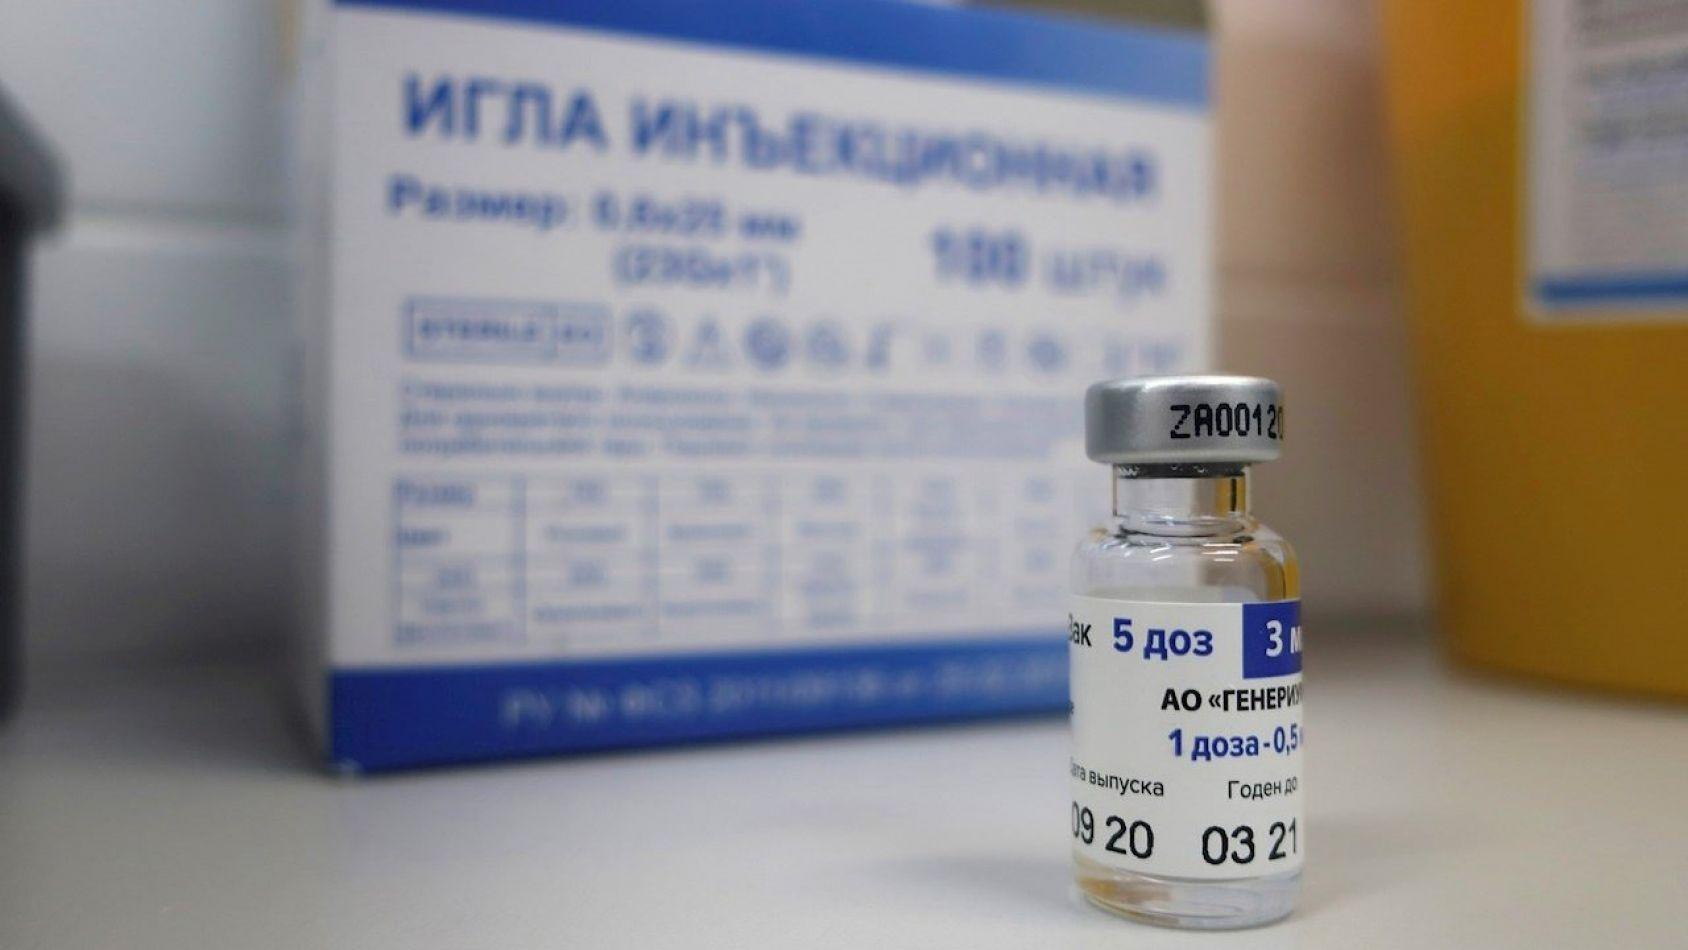 Lanzan la vacuna Sputnik Light: una sola dosis para combatir el coronavirus